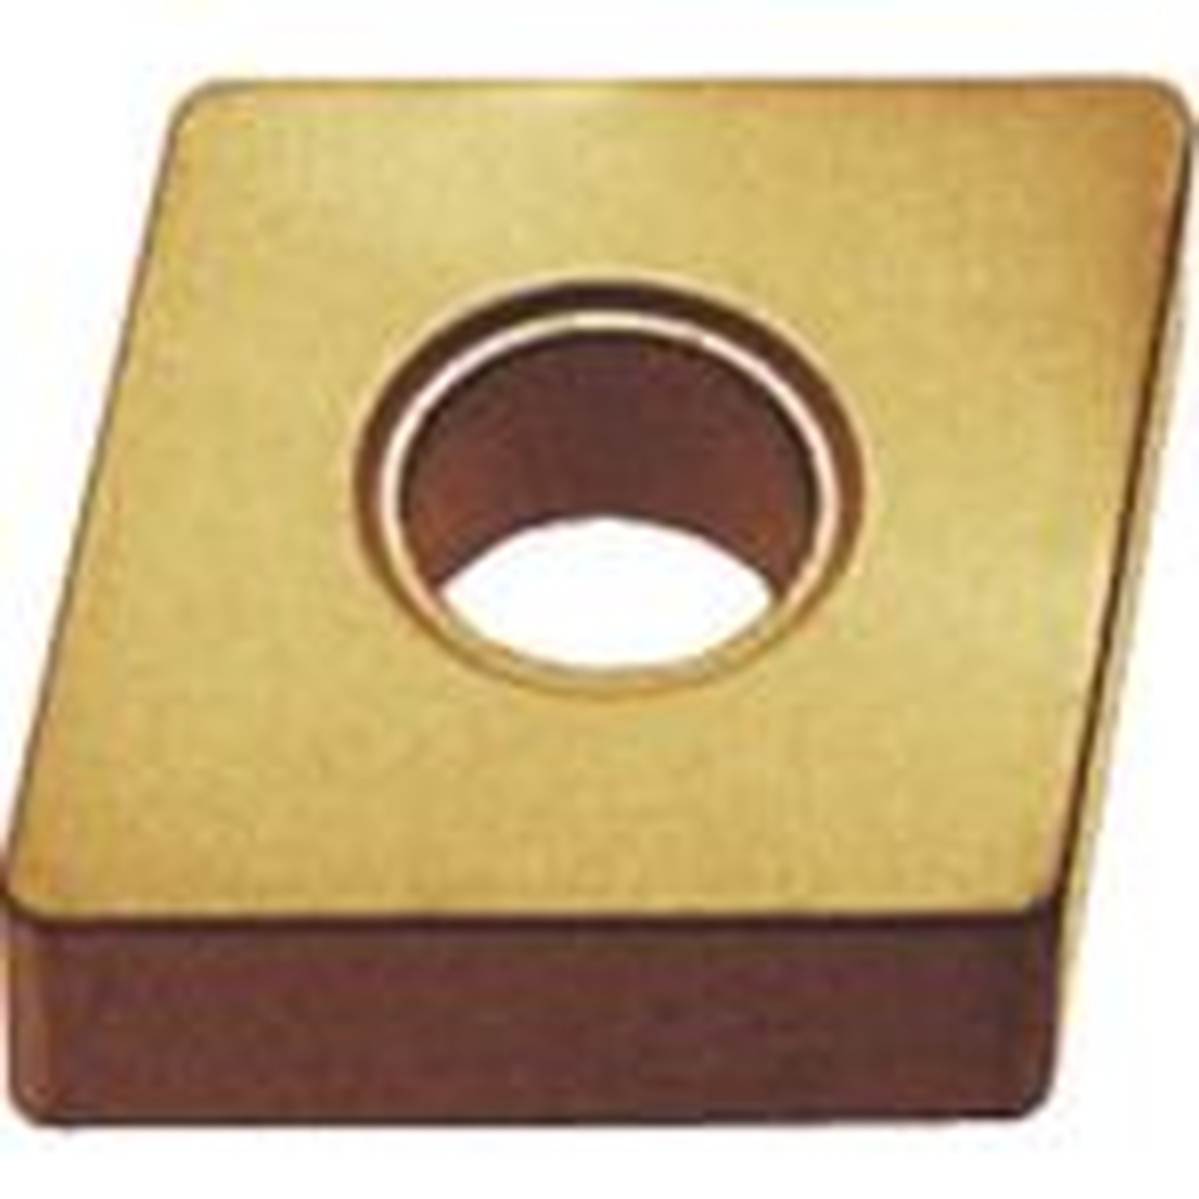 超歓迎された あす楽対応 オンライン限定商品 DIY用品 MOLDINO バイト用インサート HX3515 CNMA120408 10個